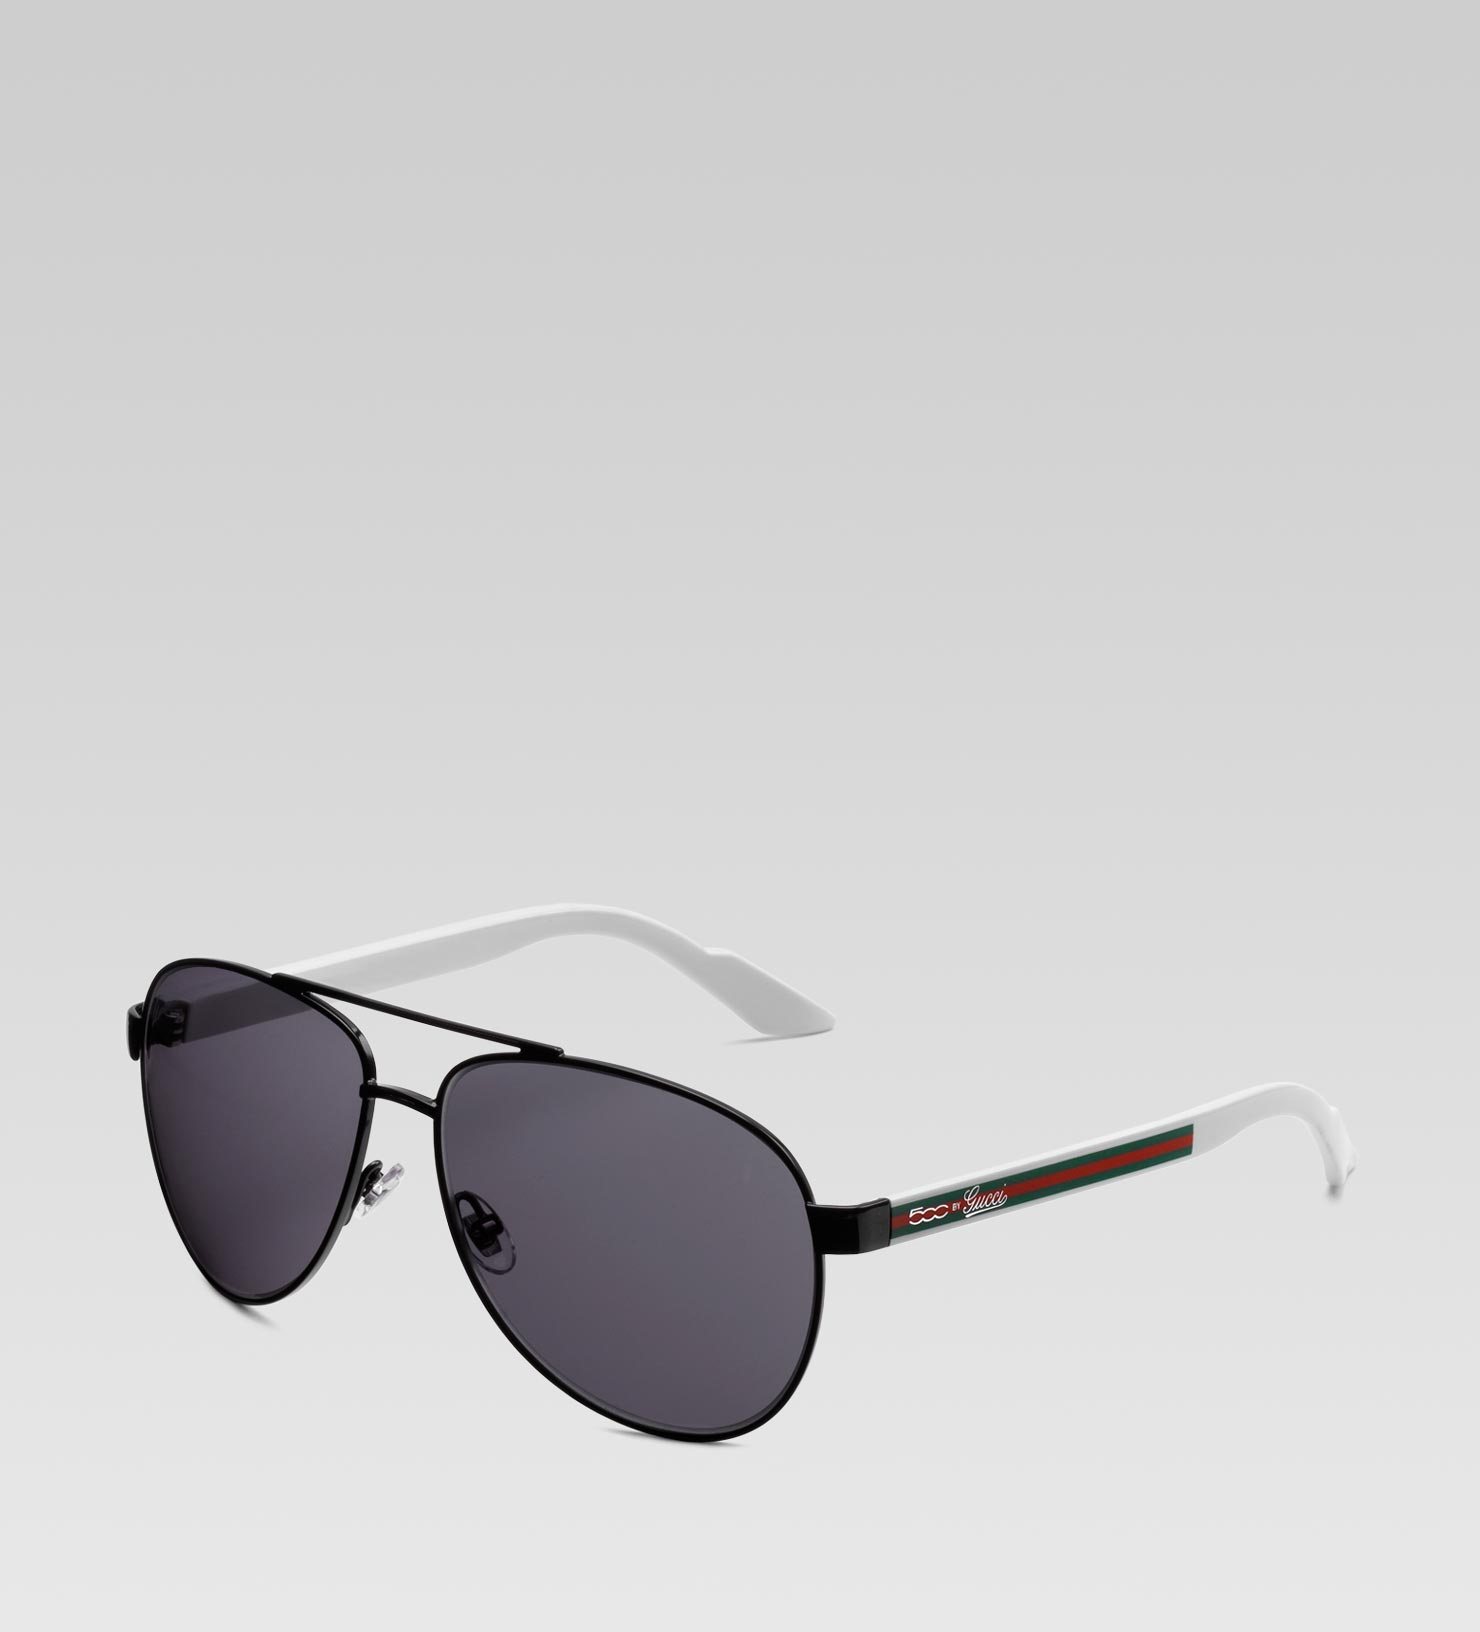 952e3362019 Lyst - Gucci Small Aviator Sunglasses with 500 By Gucci Script ...